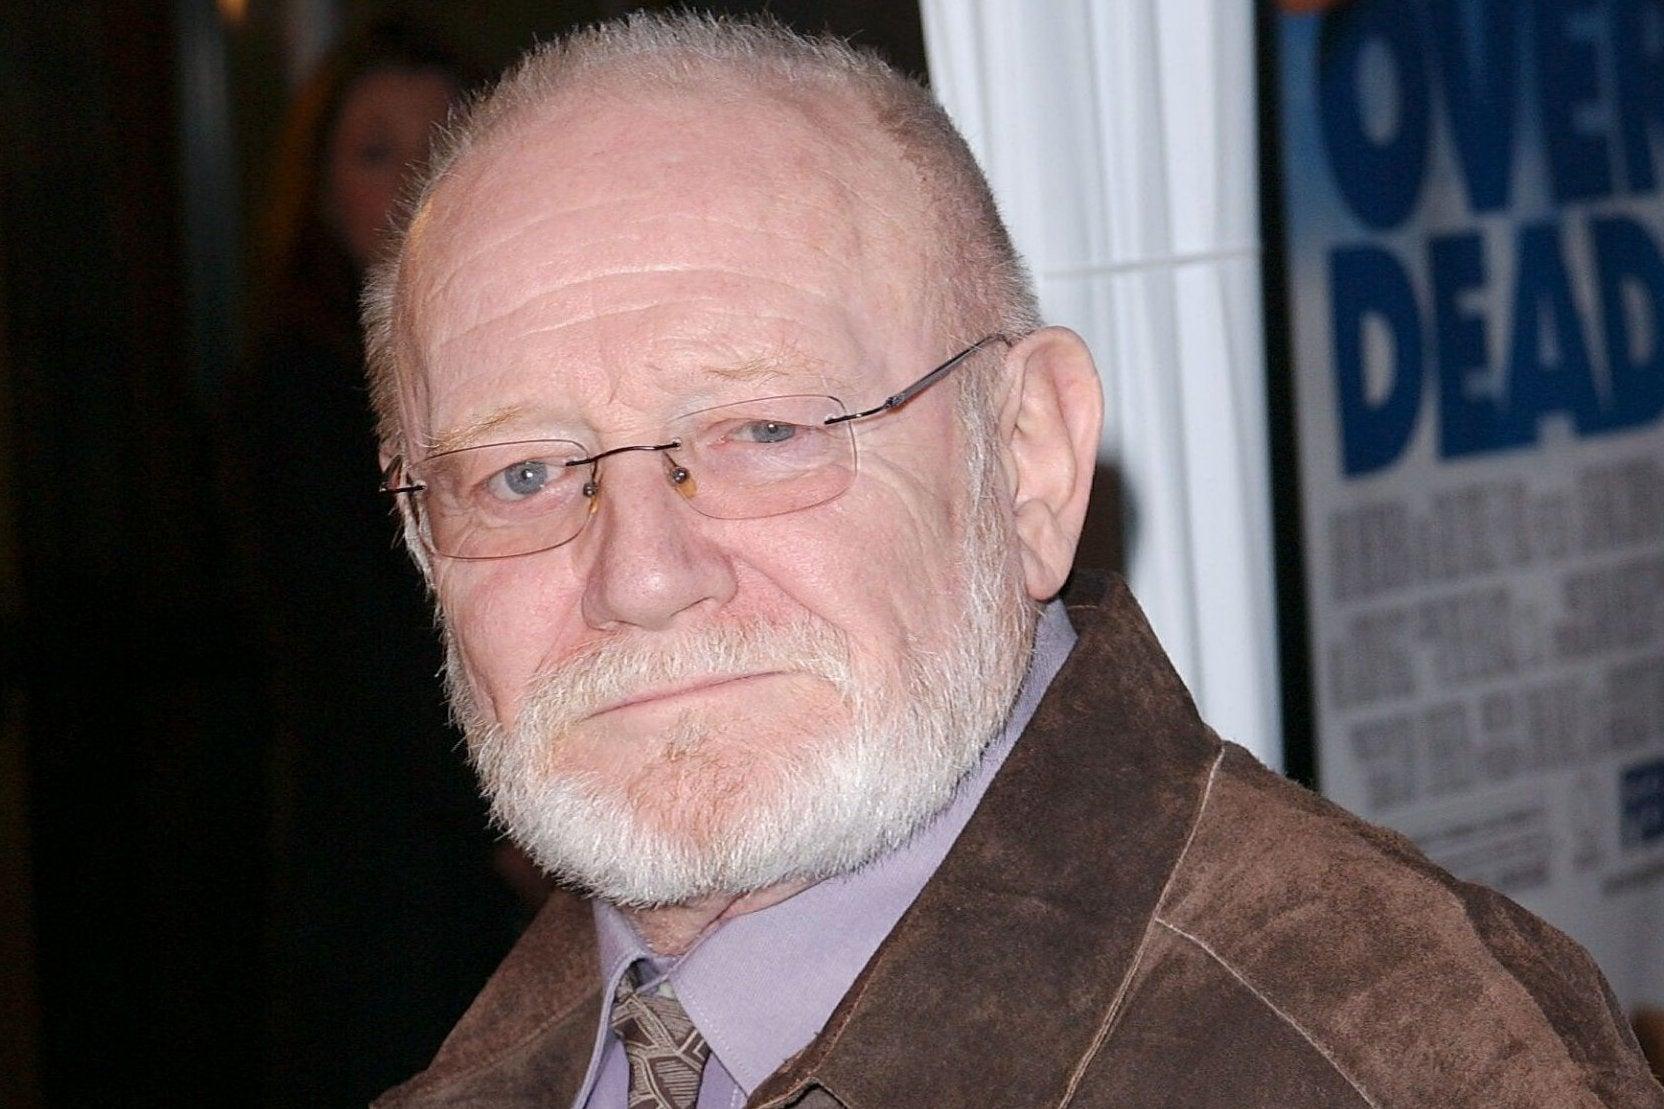 Star Trek actor William Morgan Sheppard dies aged 86